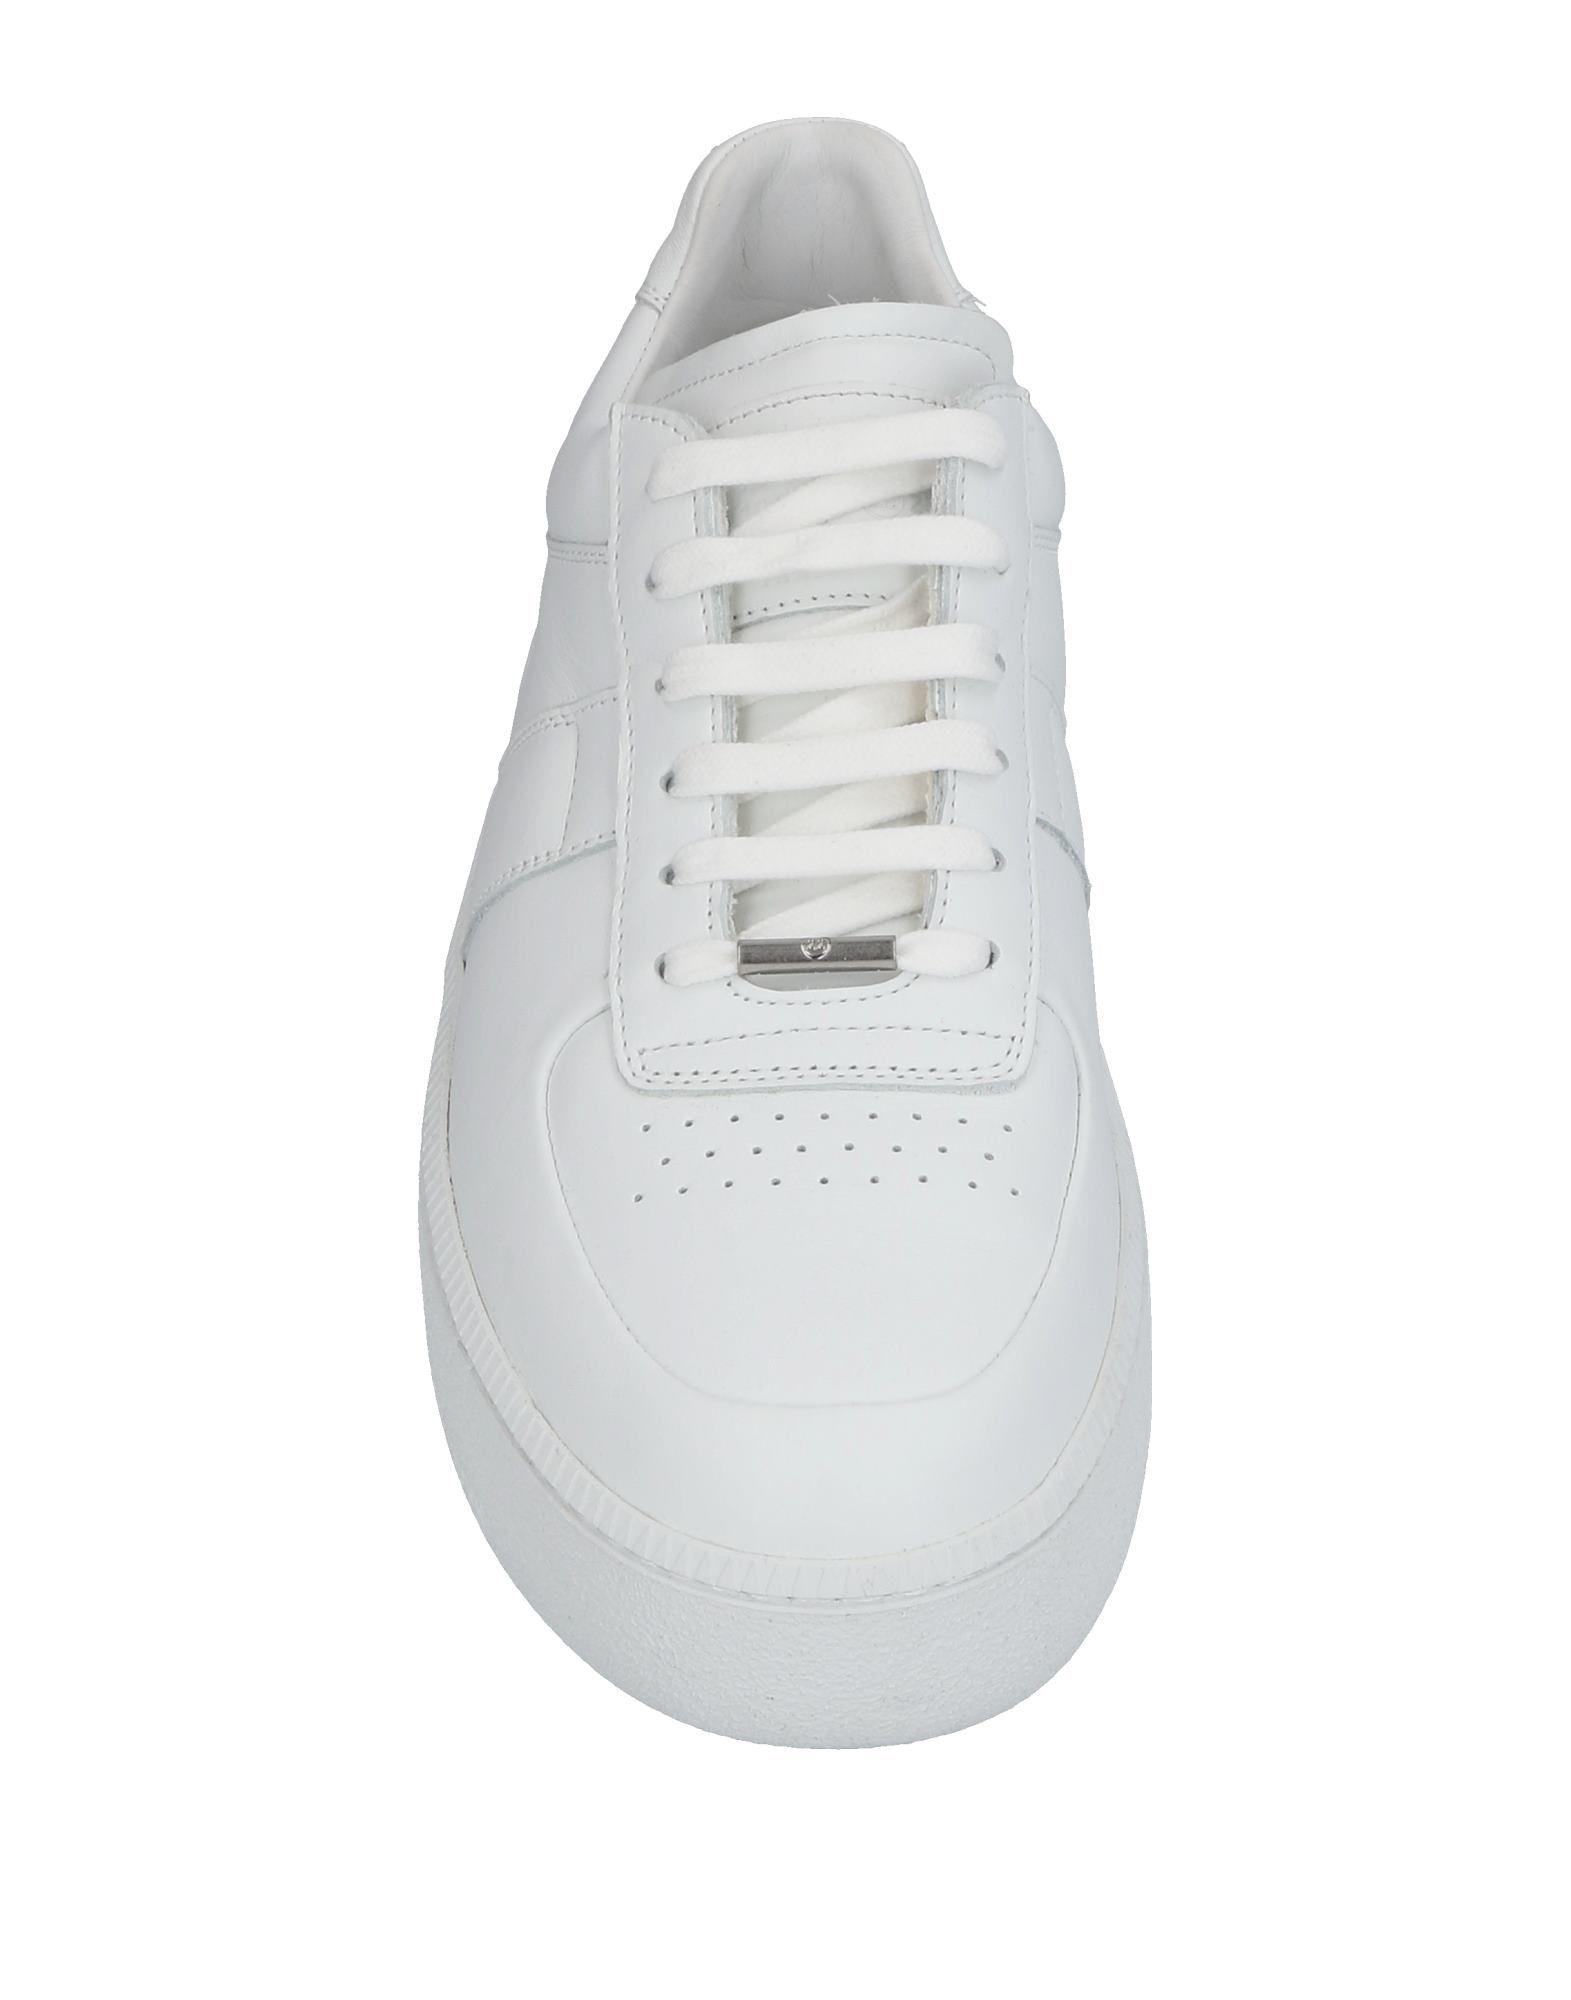 Maison Margiela Sneakers Herren beliebte  11439756IB Gute Qualität beliebte Herren Schuhe ee2186